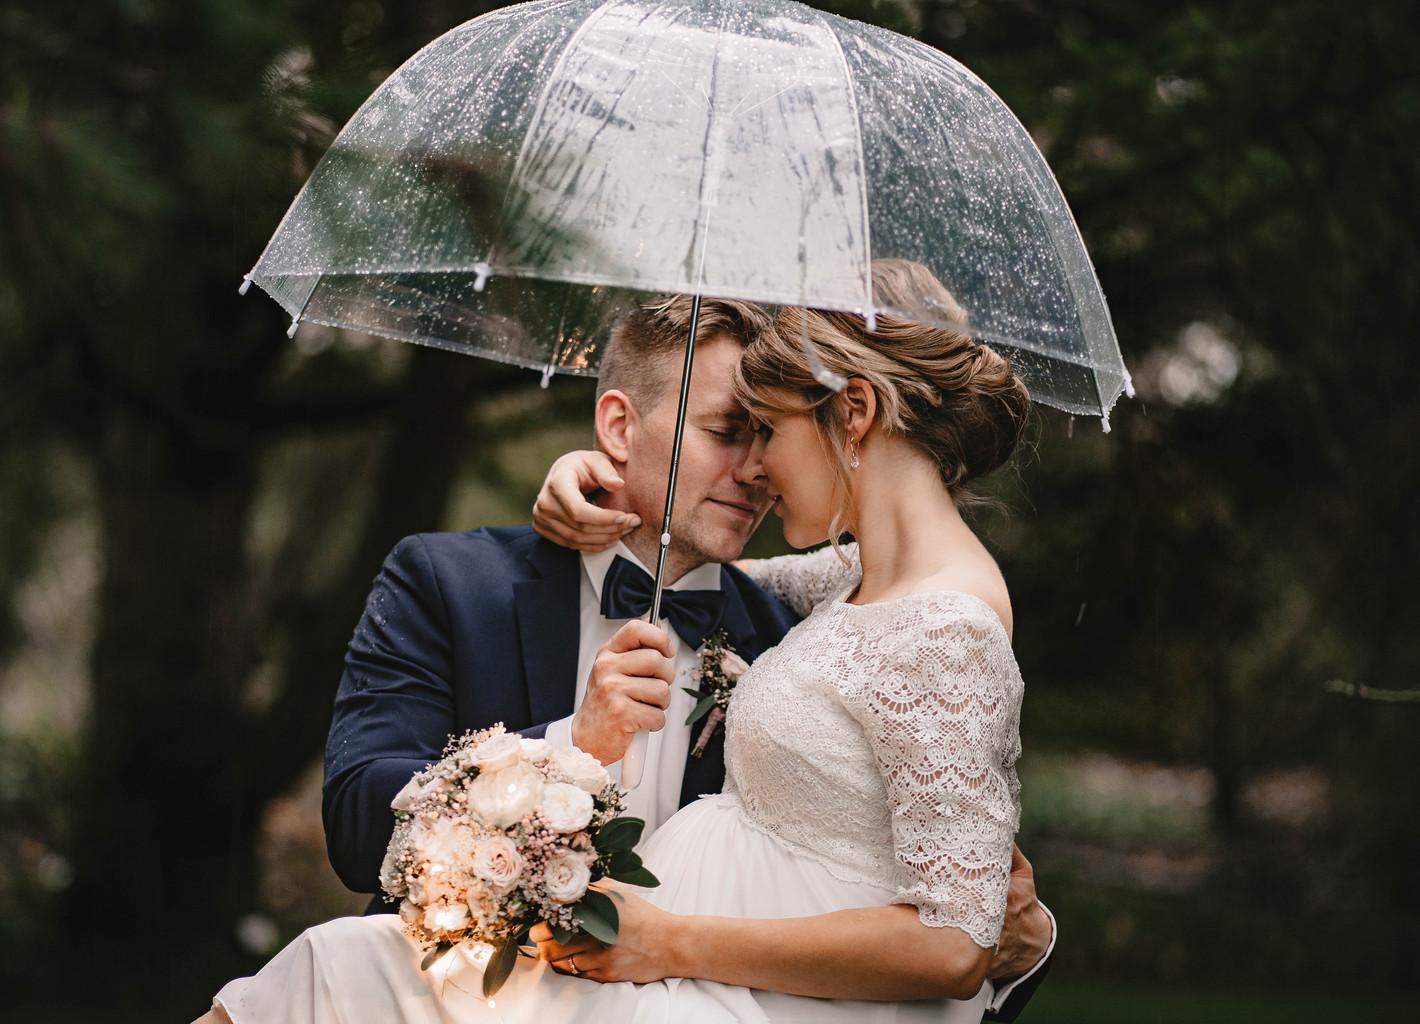 romatische Hochzeitsfotos im Regen